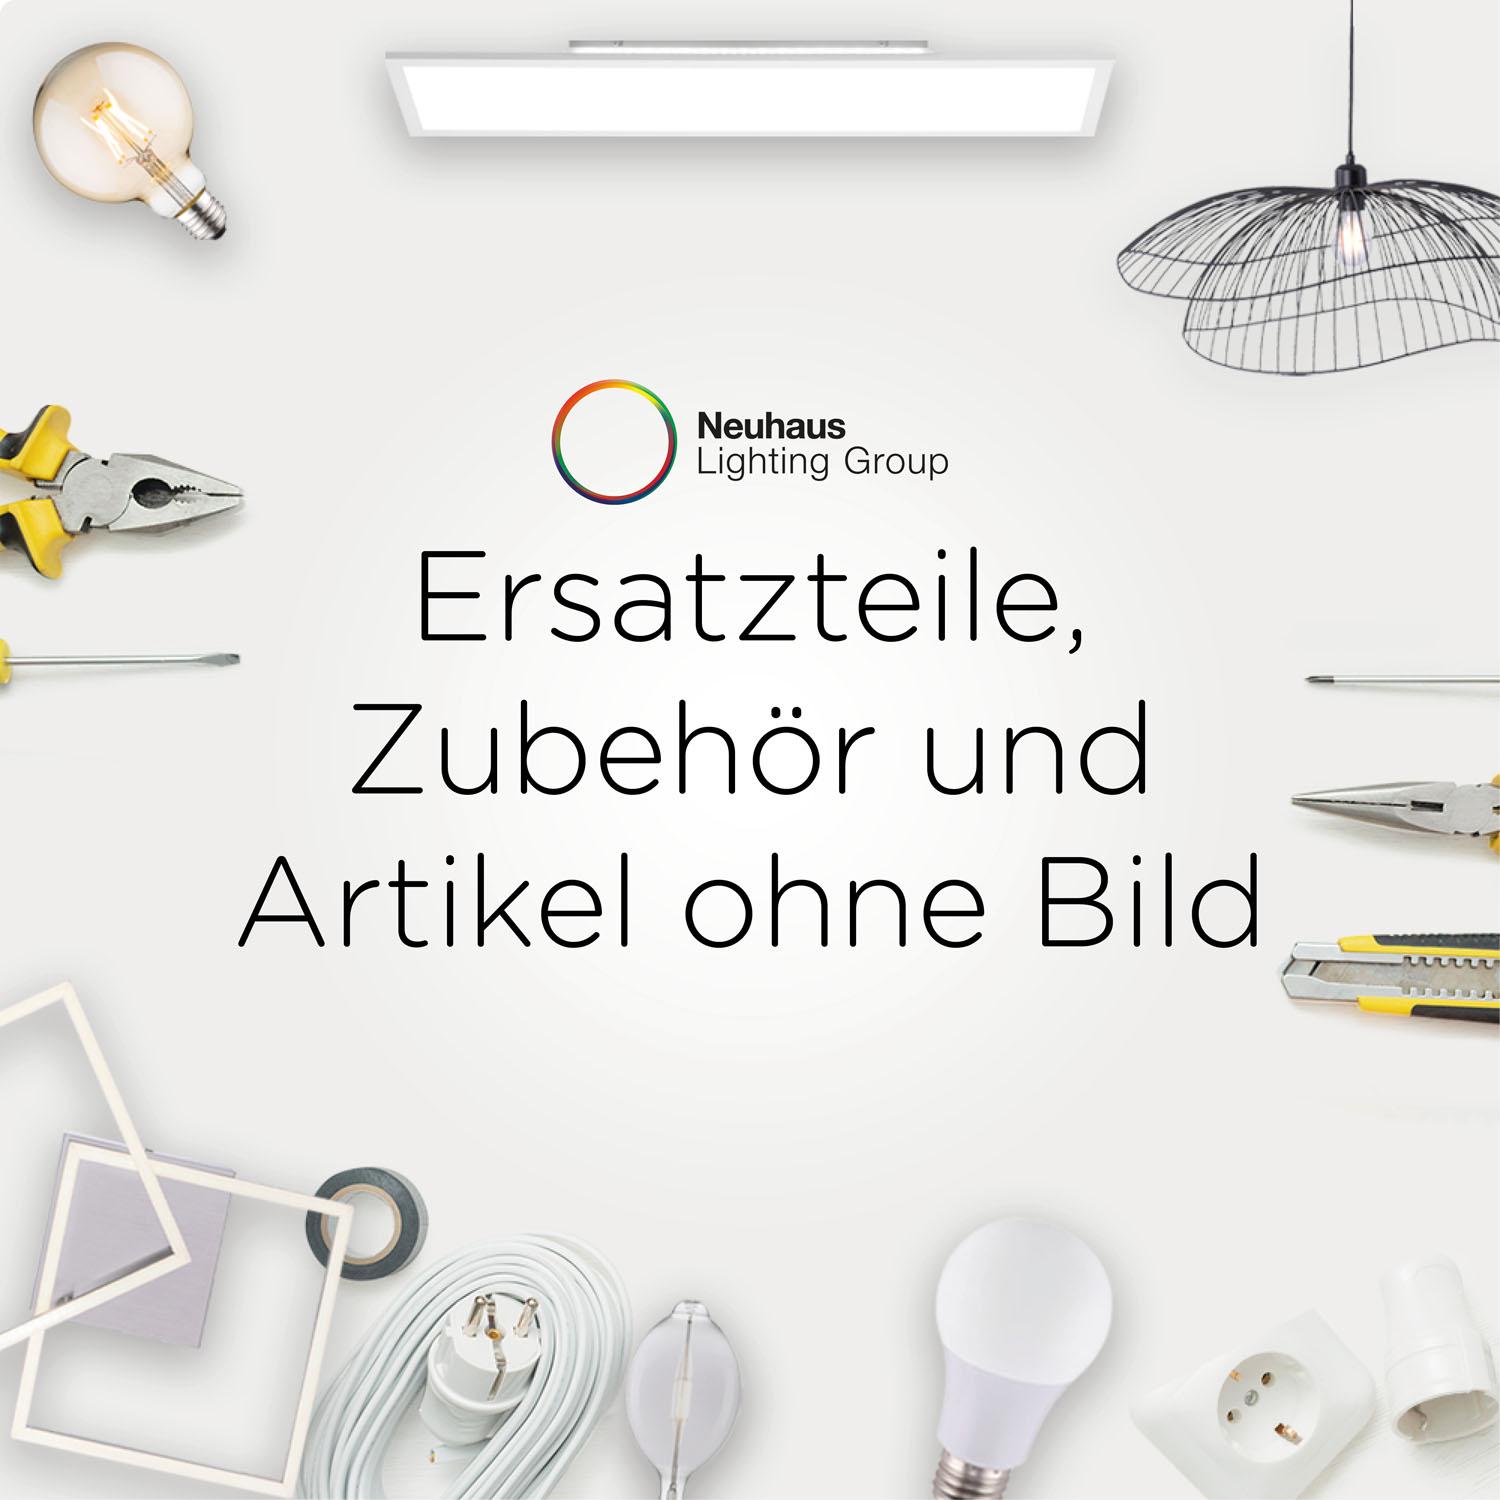 Paul Neuhaus, Q-SKYLINE, LED-Pendelleuchte, stahlfarben, dimmbar, Smart Home